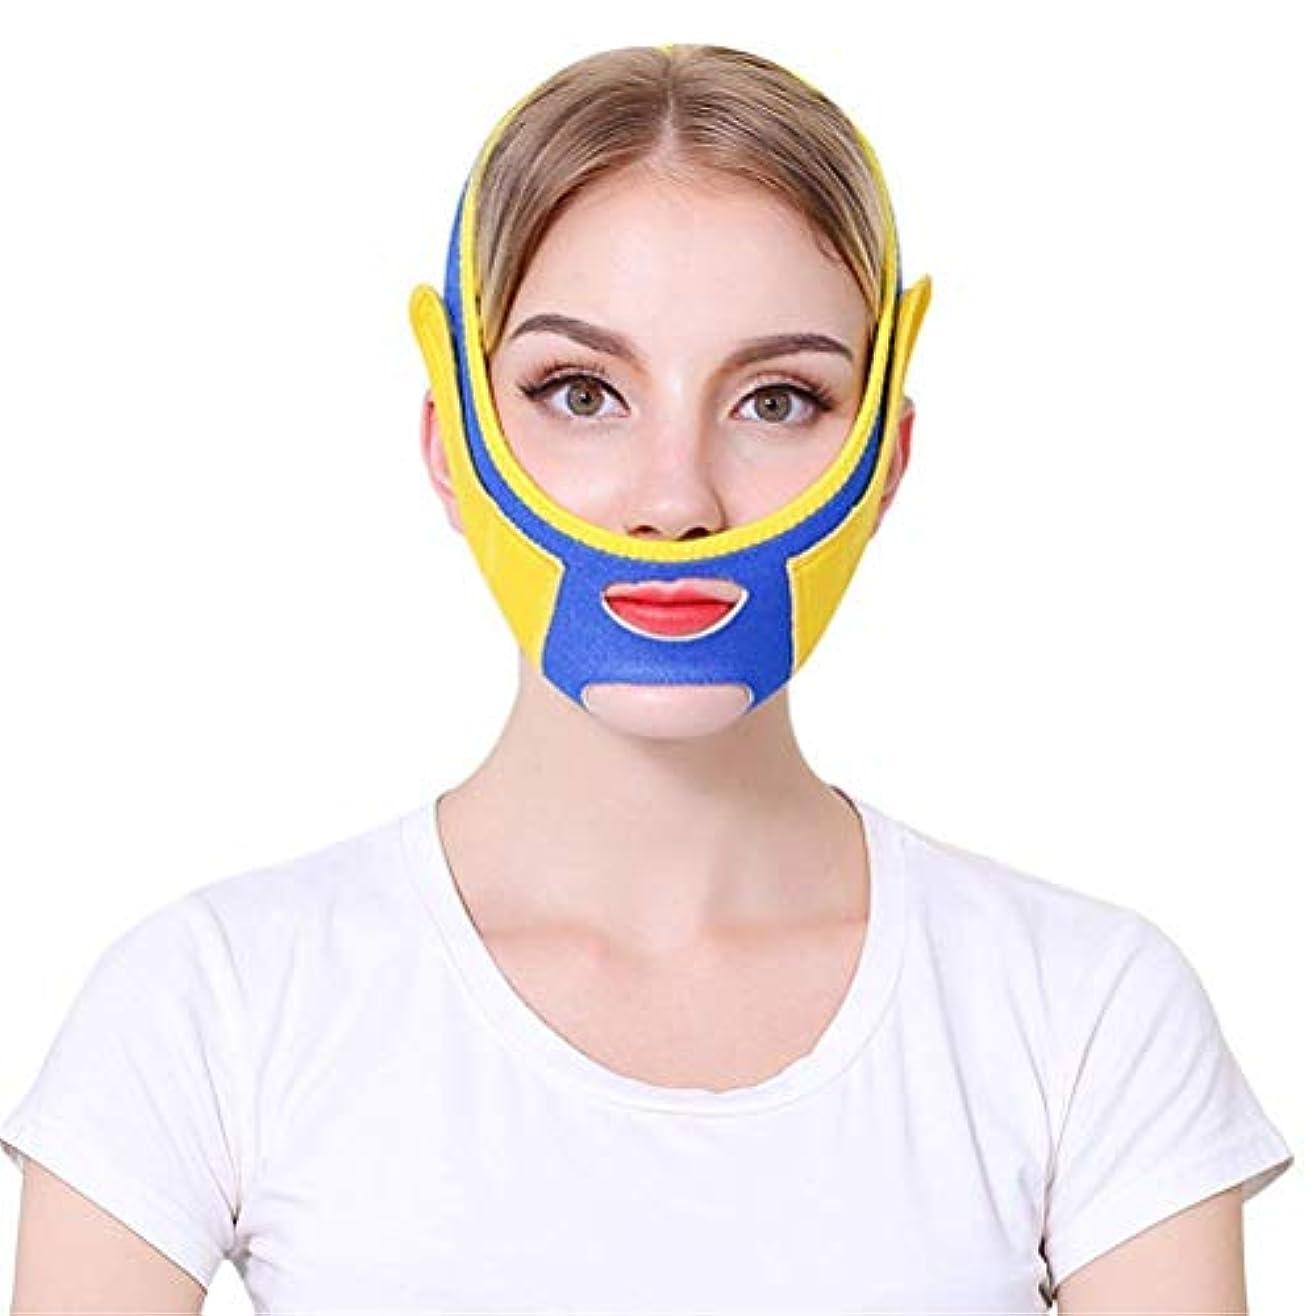 脱走機知に富んだ準備したWSJTT 女性のための顔のリフティングベルト、Vラインチンチークリフトアップバンドアンチリンクル包帯、フェイスリフティング/痩身/マスク包帯/スリープシンフェイス/マスクスリミング (Color : Blue)